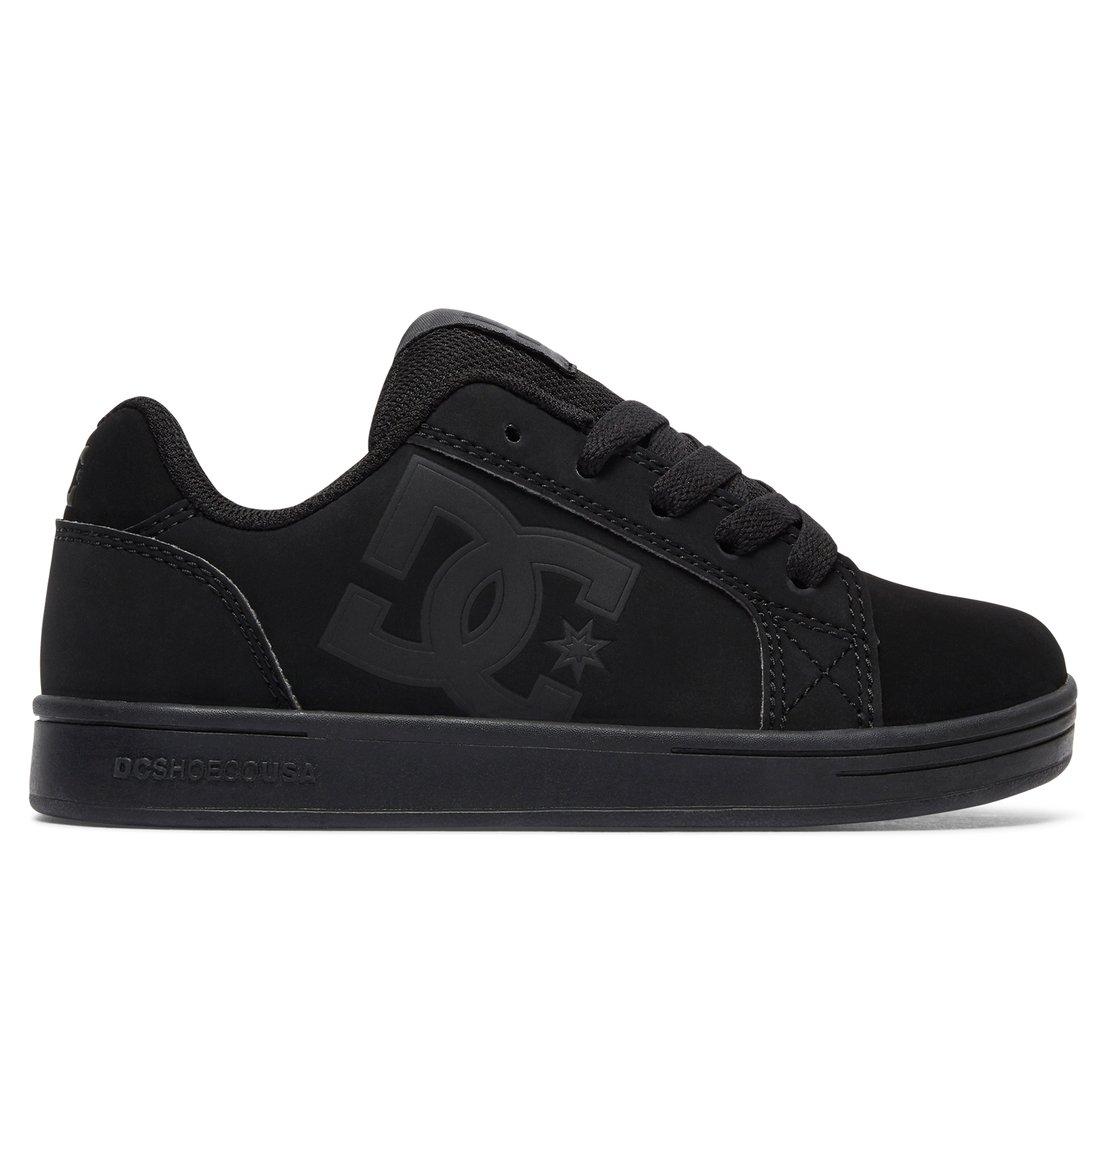 Dc Shoes 3bk Serial Graffik Boys